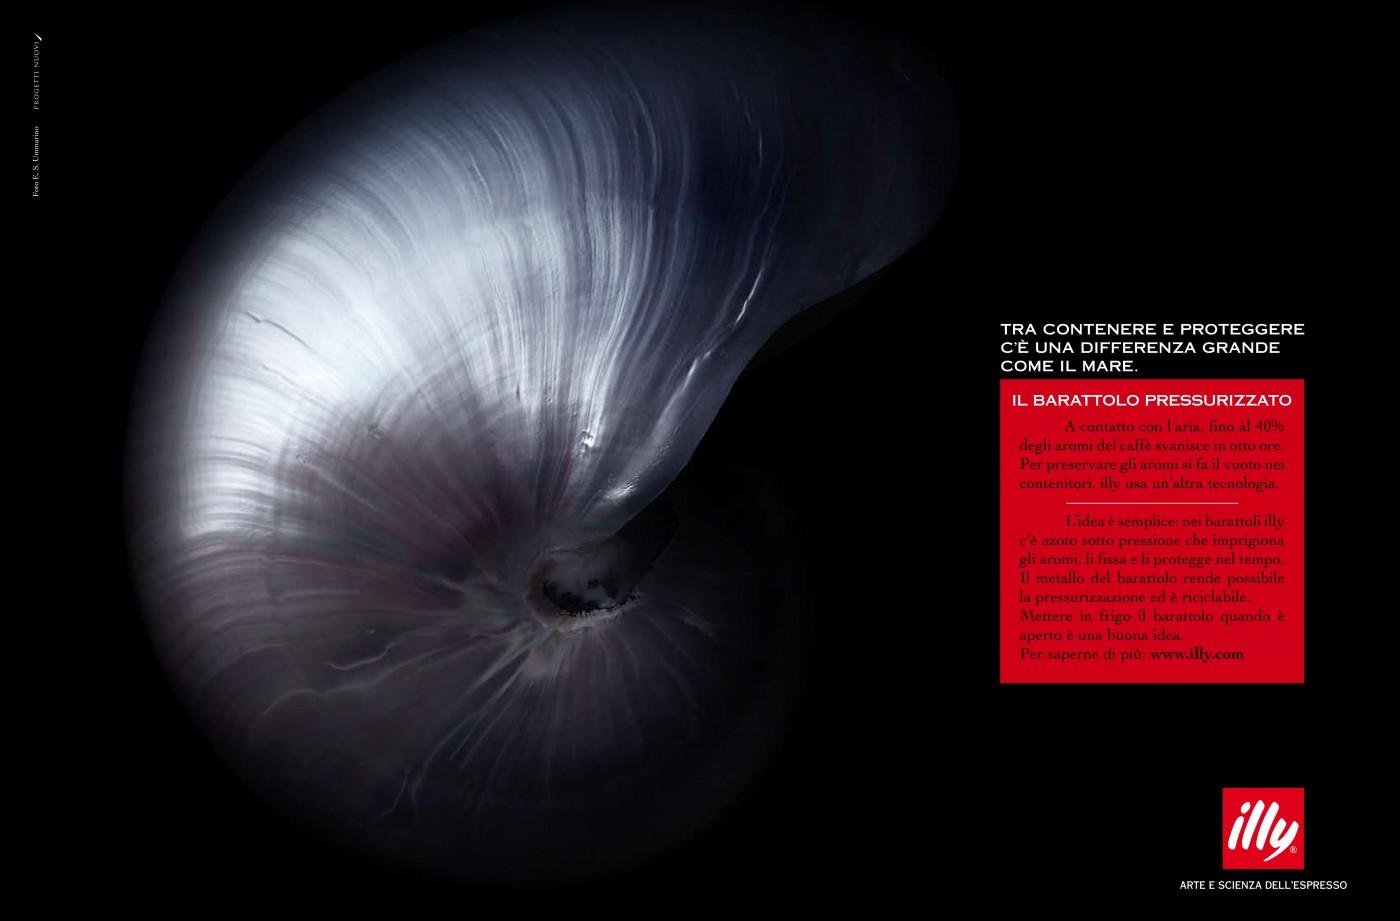 Nautilus-illy-sara massah